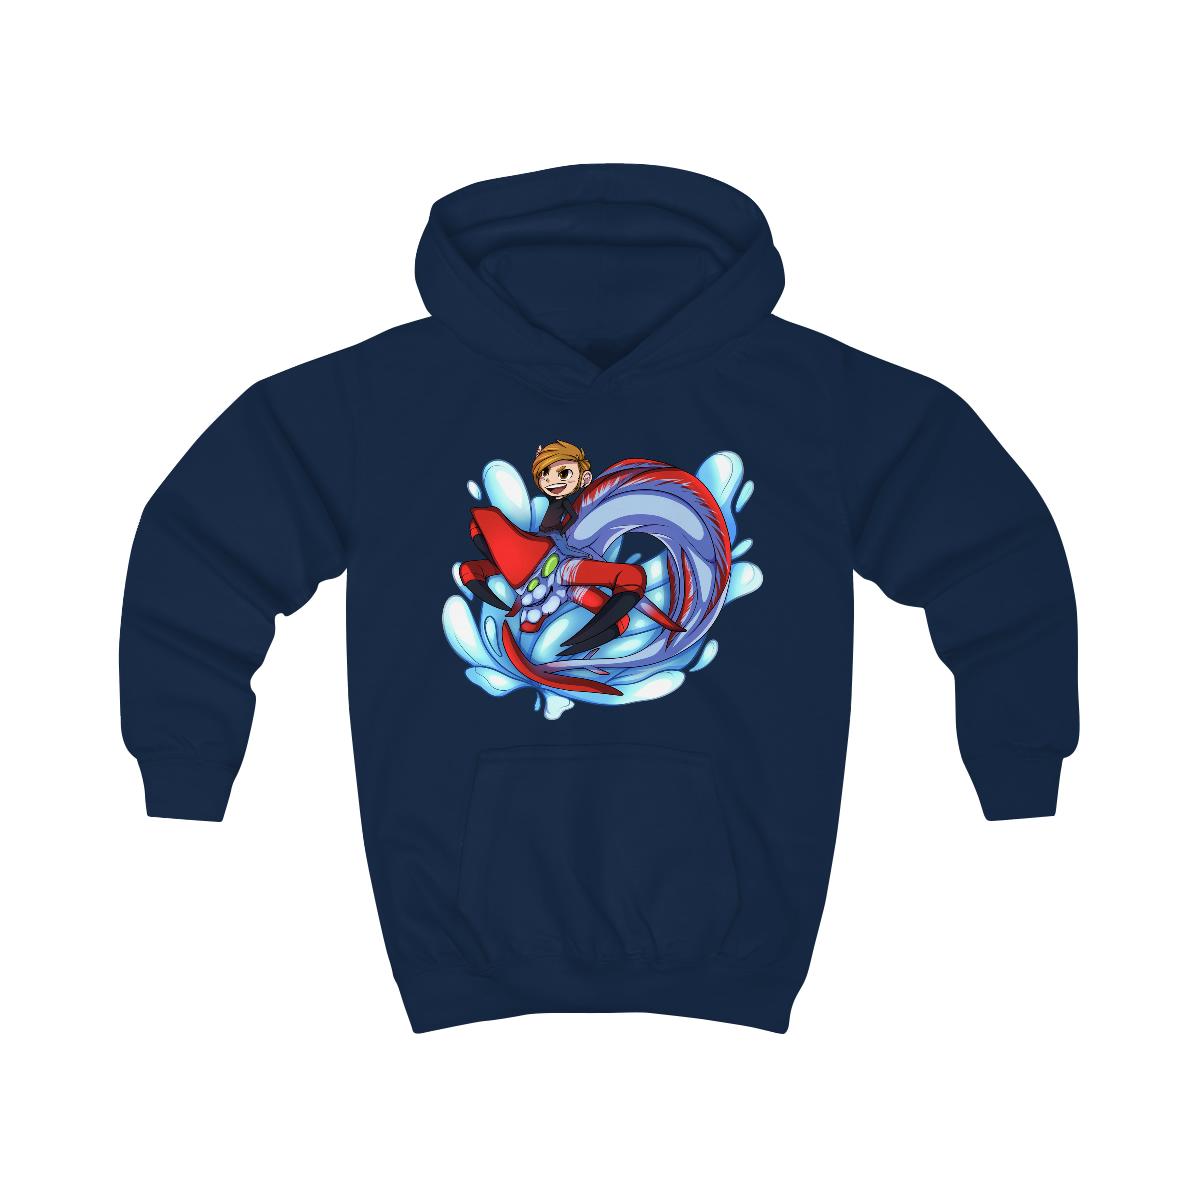 KIDS Aquatic Hoodie